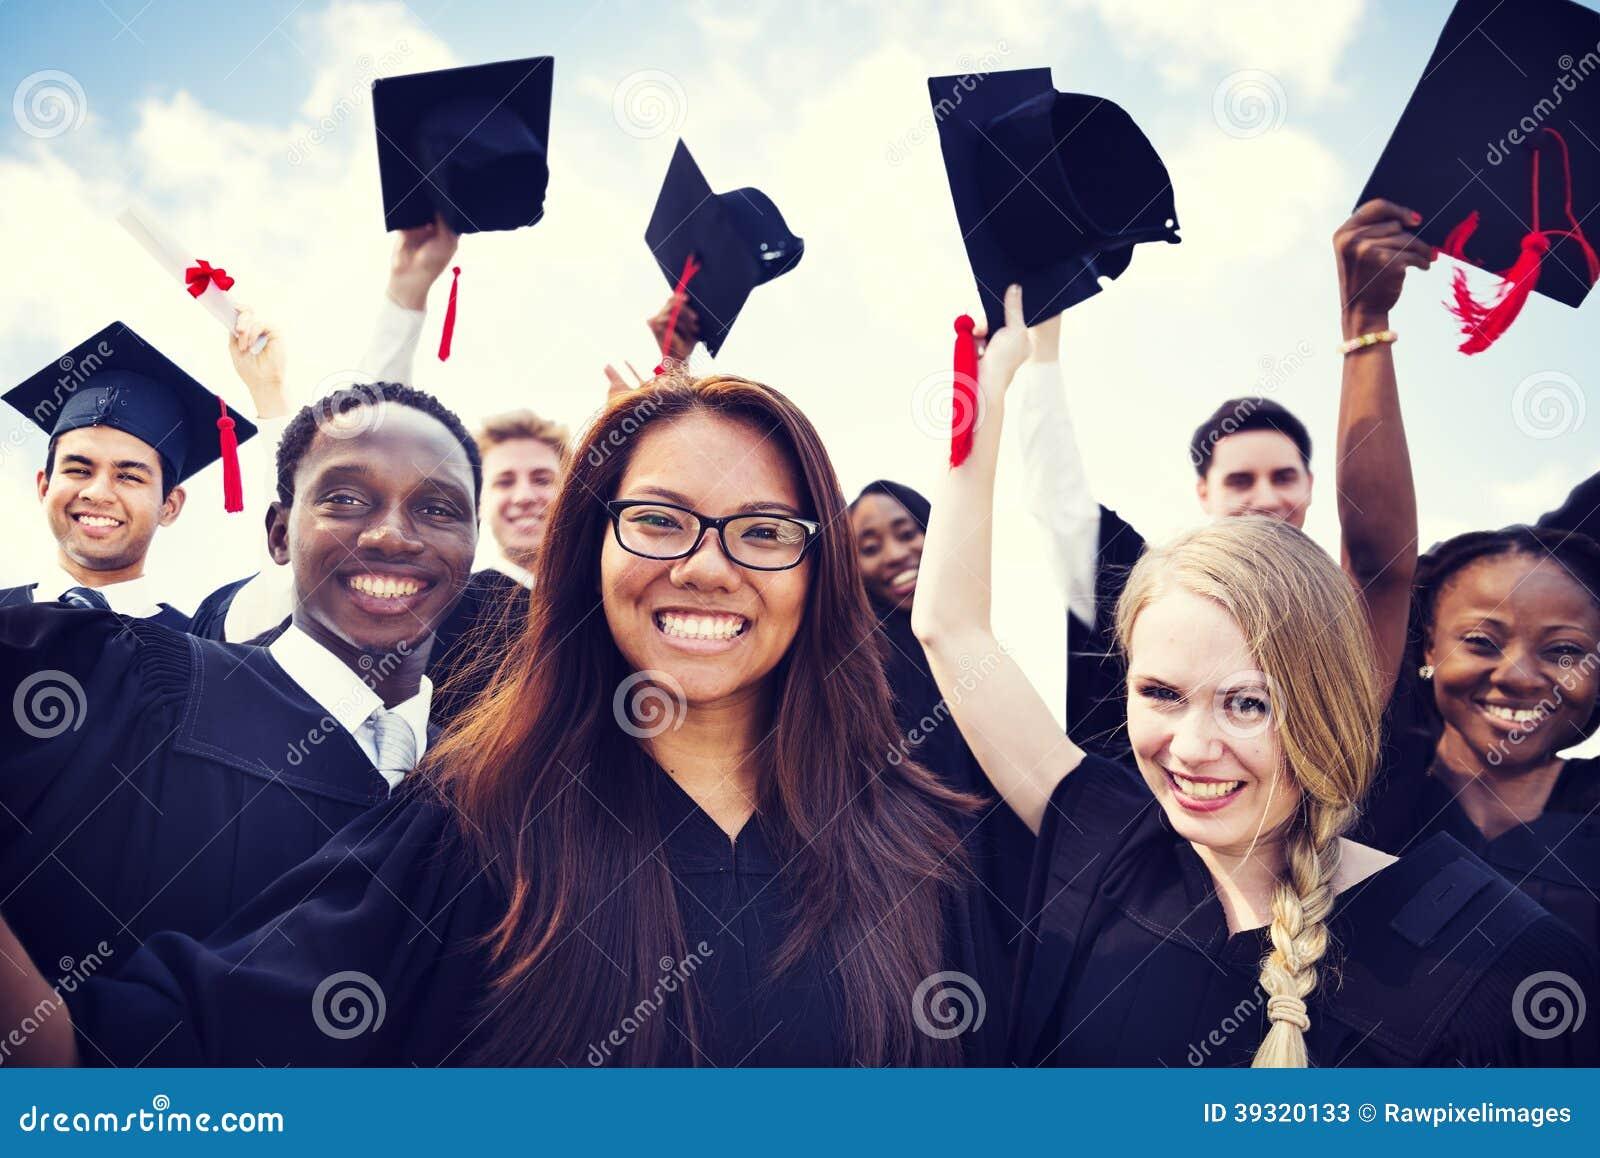 Διεθνείς σπουδαστές που γιορτάζουν τη βαθμολόγηση